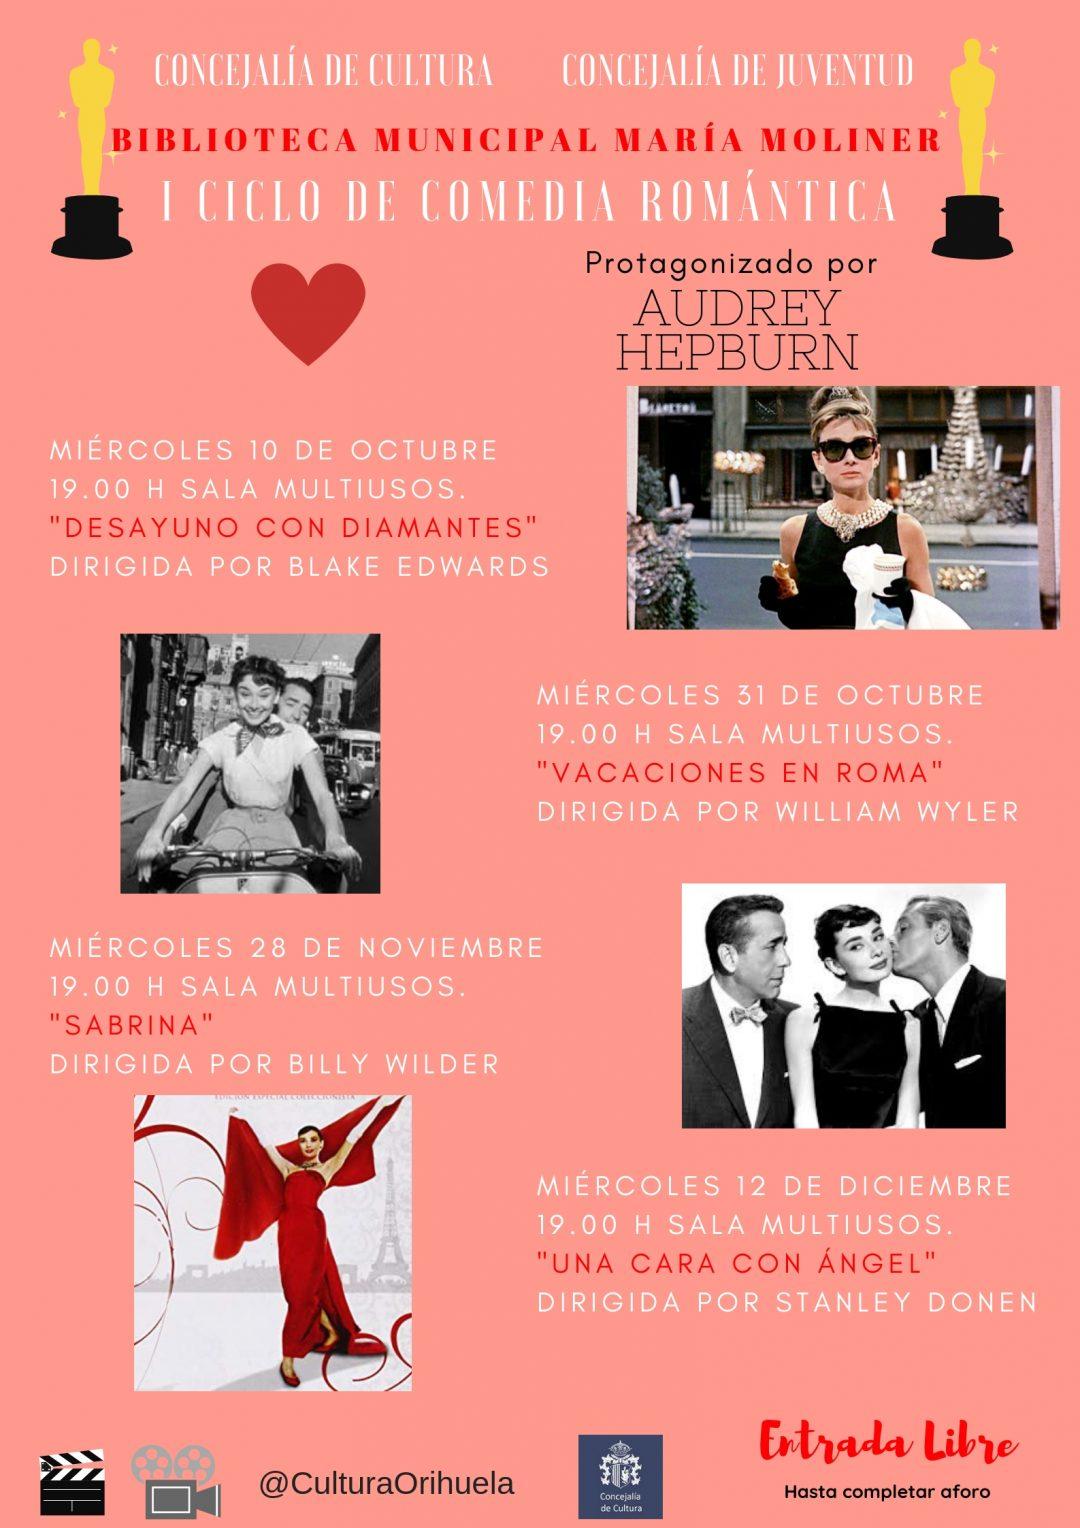 I Ciclo Cine Comedia Romántica